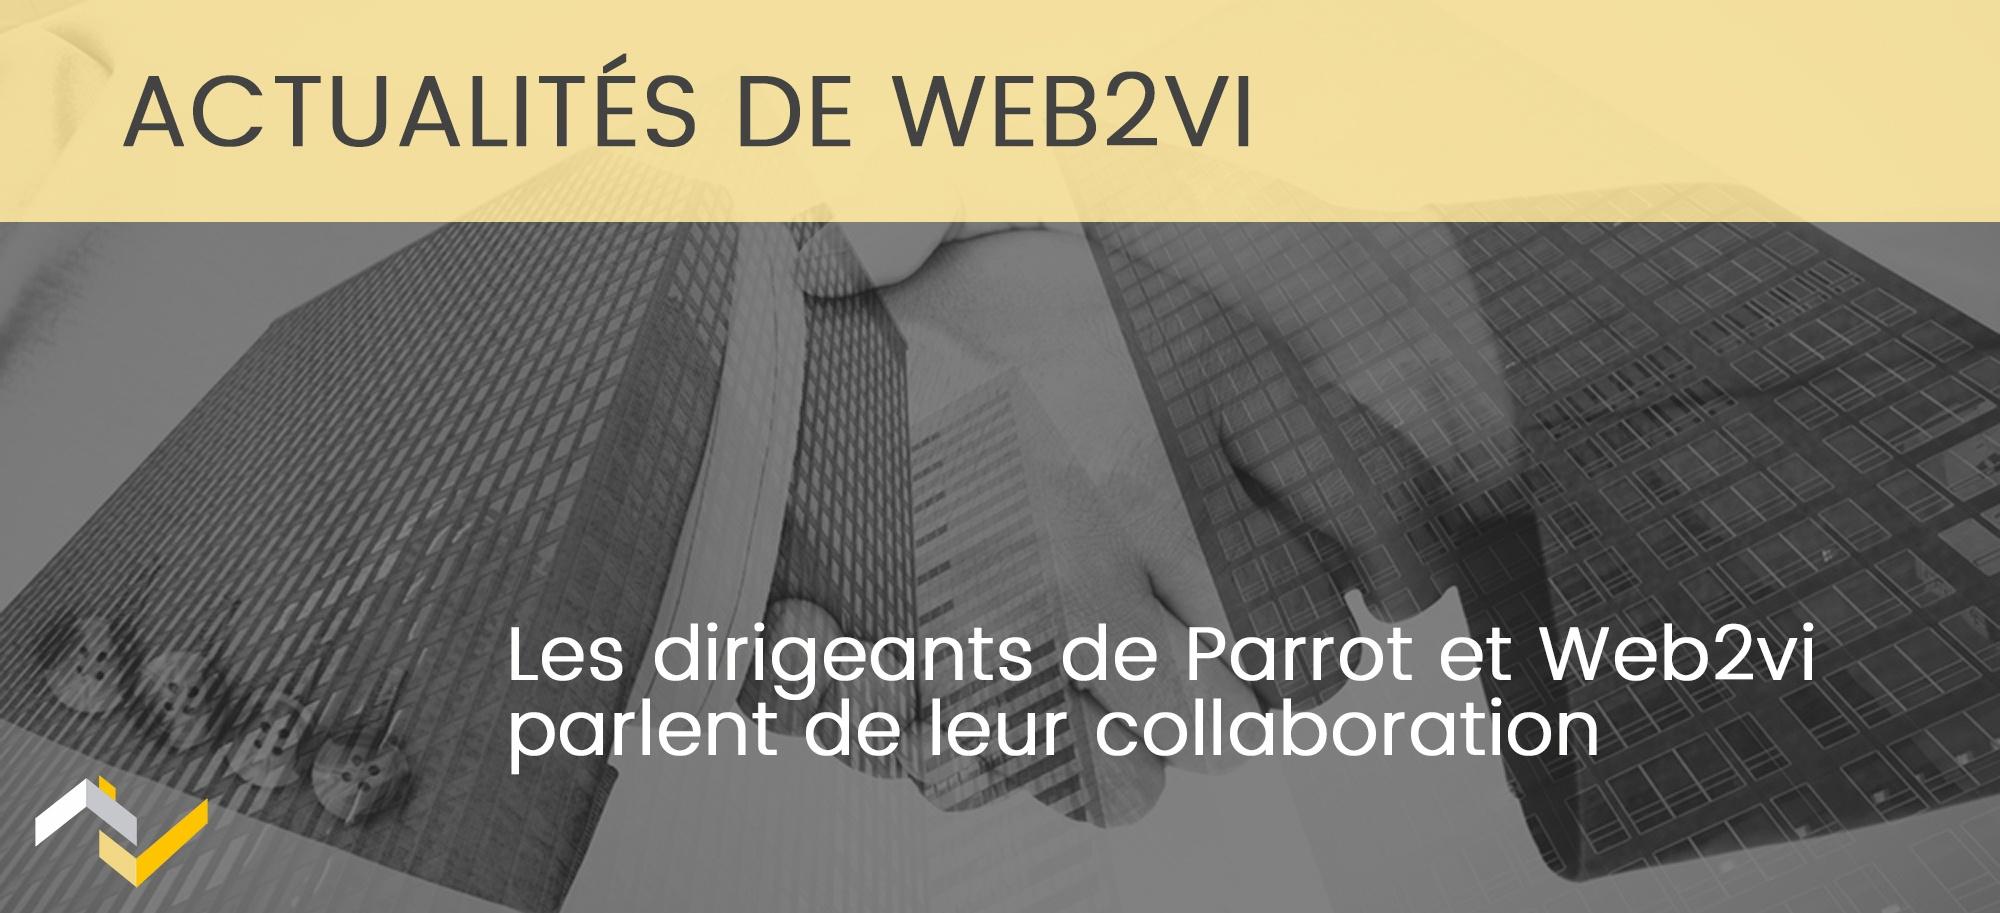 Les dirigeants de Parrot et Web2vi parlent de leur collaboration